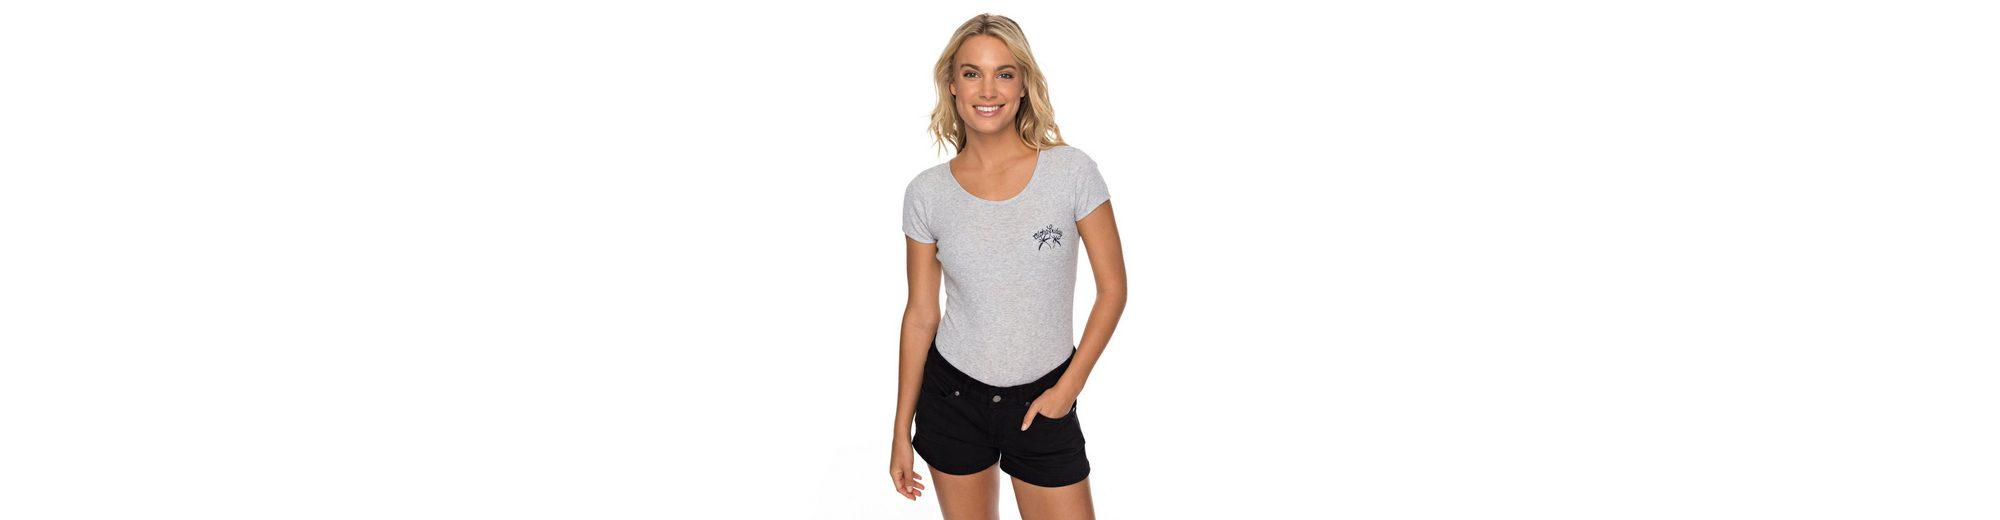 Roxy Kurzarm-Body Salty Sunday Offizielle Günstig Online Beliebt Online Einkaufen Angebote Günstig Online Günstig Kaufen 2018 0oxUGLi